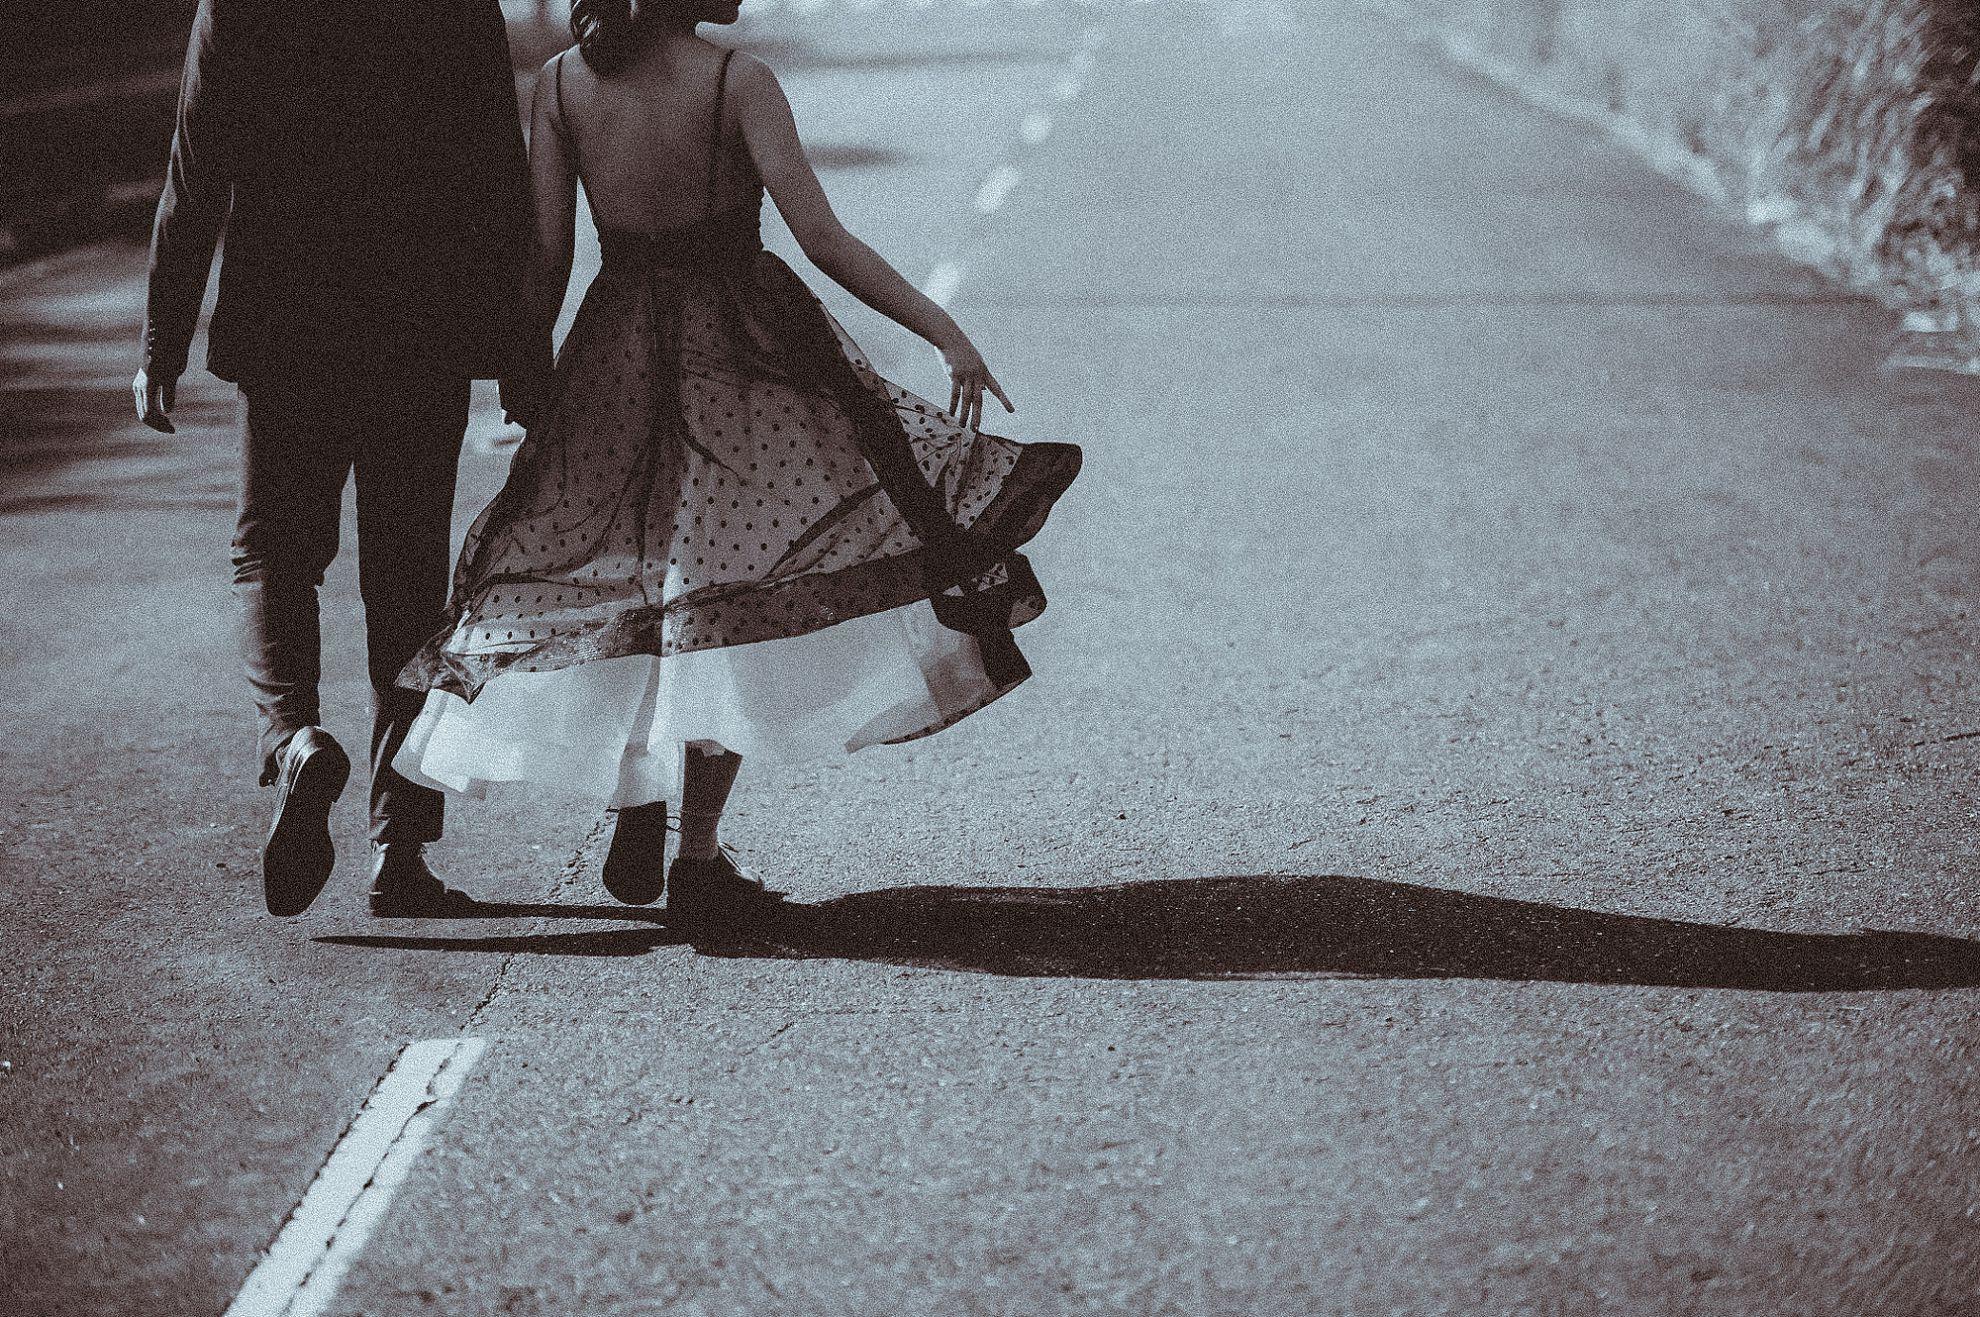 貳月婚紗,台北婚紗,自助婚紗,婚紗包套,攝影師,造型師,白紗外拍,淡水,海邊,仙女棒,空拍機,陽明山外拍,陽金公路,戰備跑道,公路婚紗,